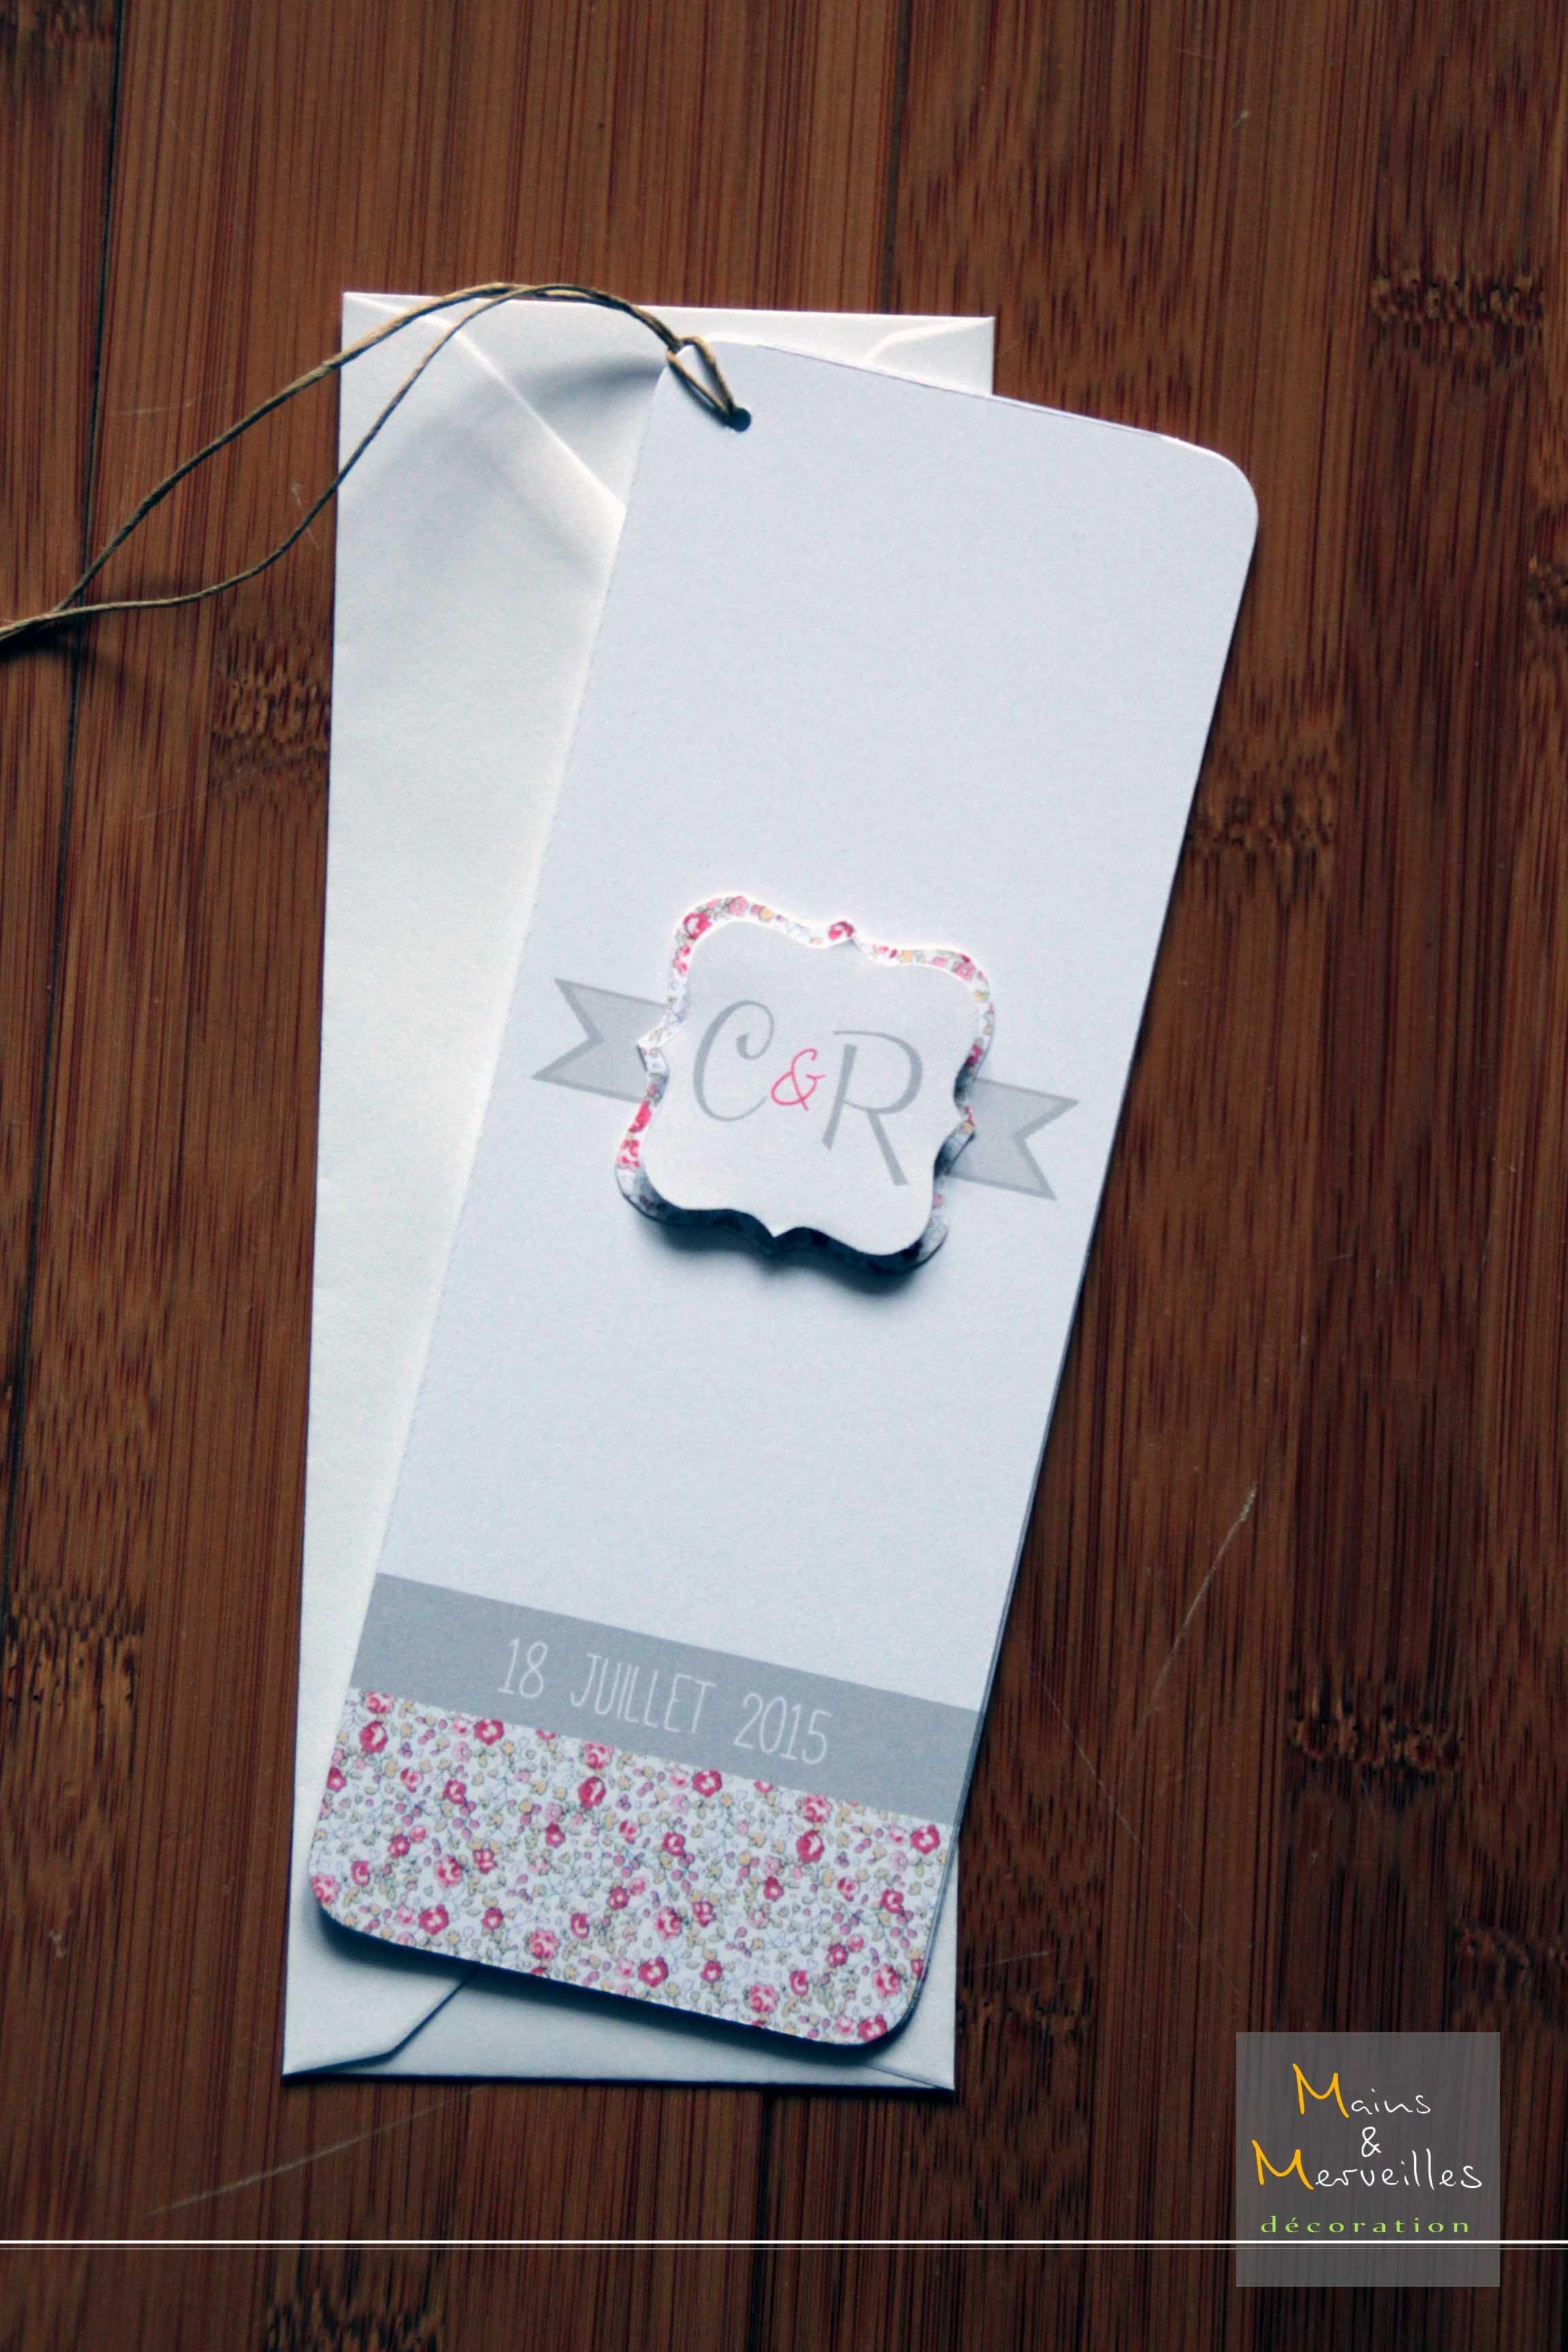 faire part mariage format marque page th me liberty r tro et style letterpress du rose gris. Black Bedroom Furniture Sets. Home Design Ideas